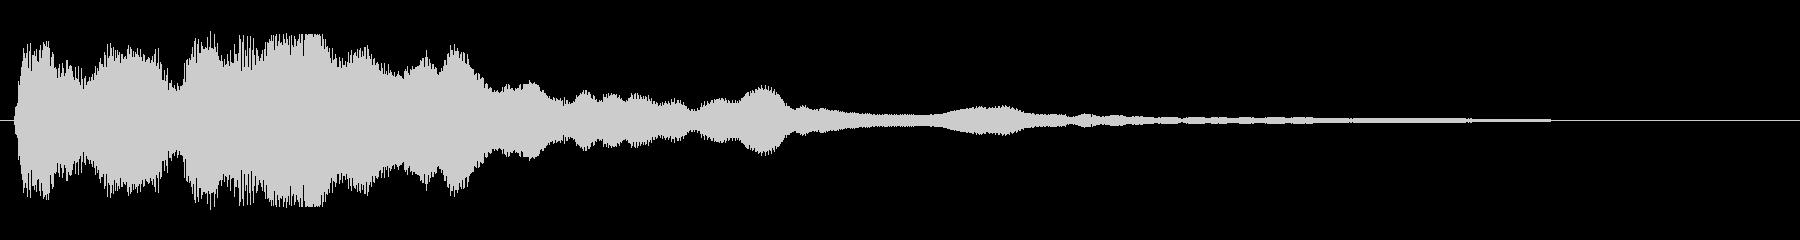 キコーン(アイテムを見つけた時の音)の未再生の波形